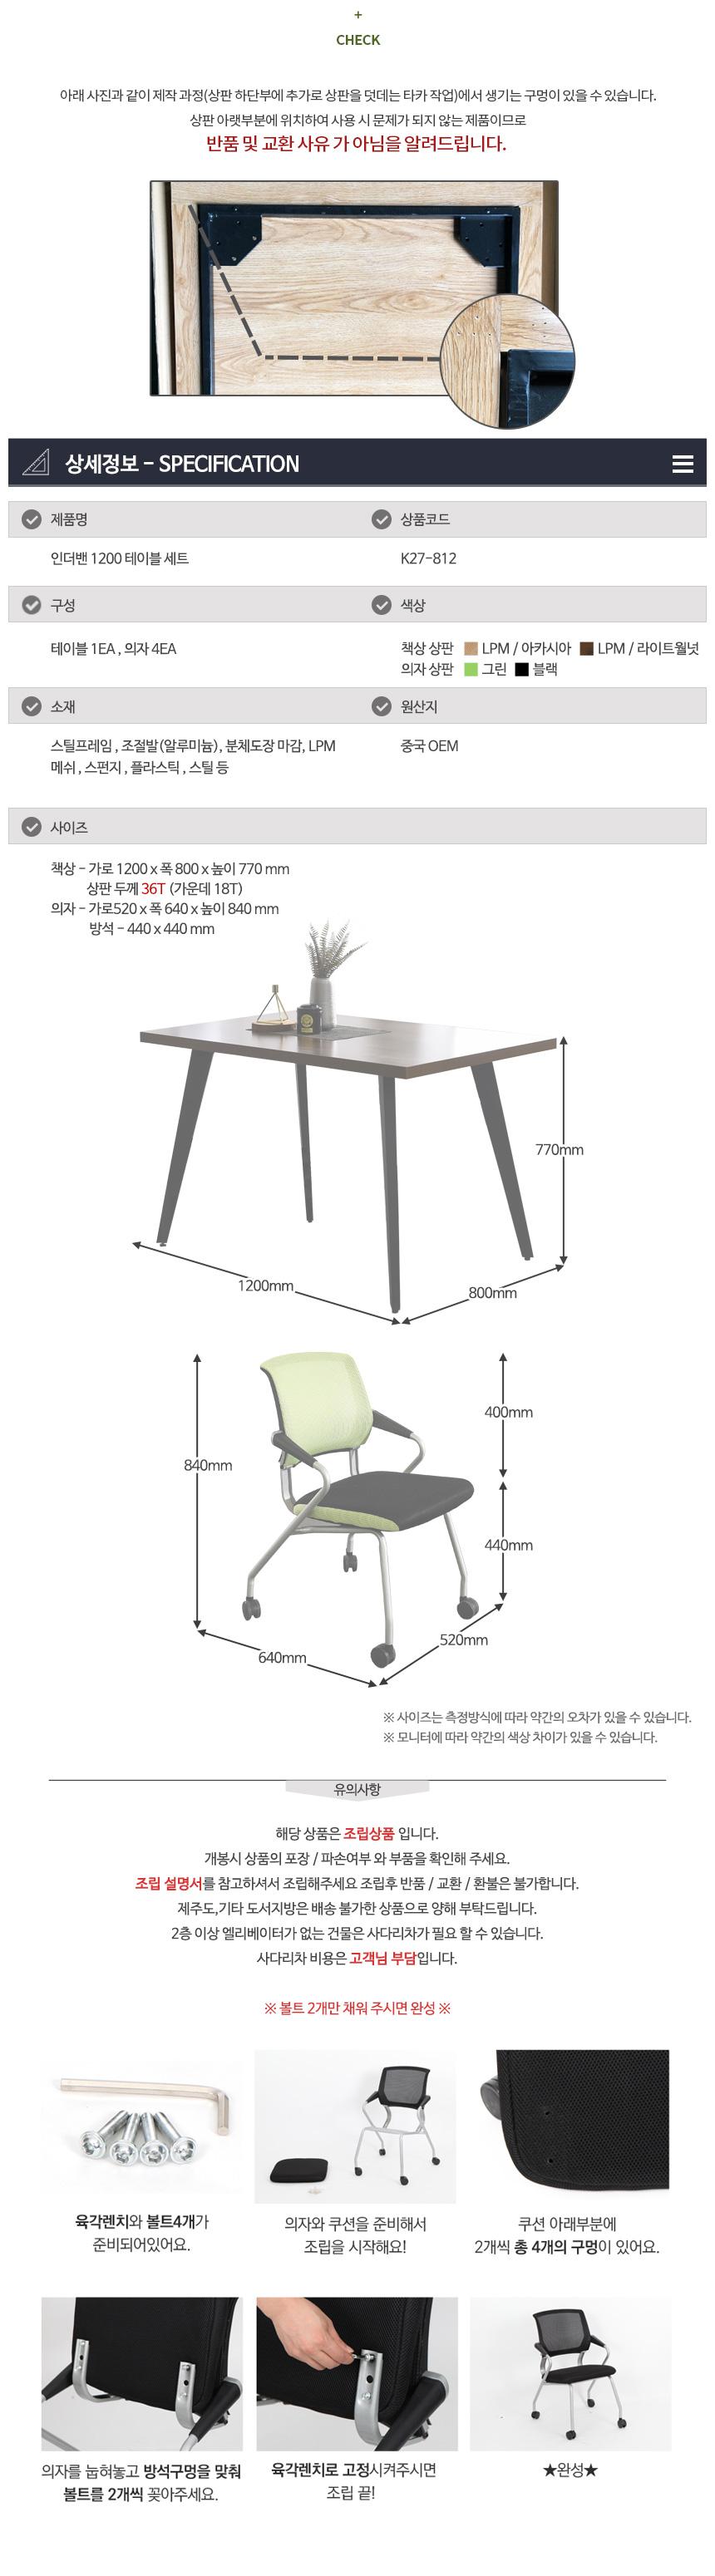 스틸 인더밴 1200테이블세트 사무실테이블 철제책상 - 동화속나무, 494,000원, DIY 책상/의자, DIY 책상/테이블